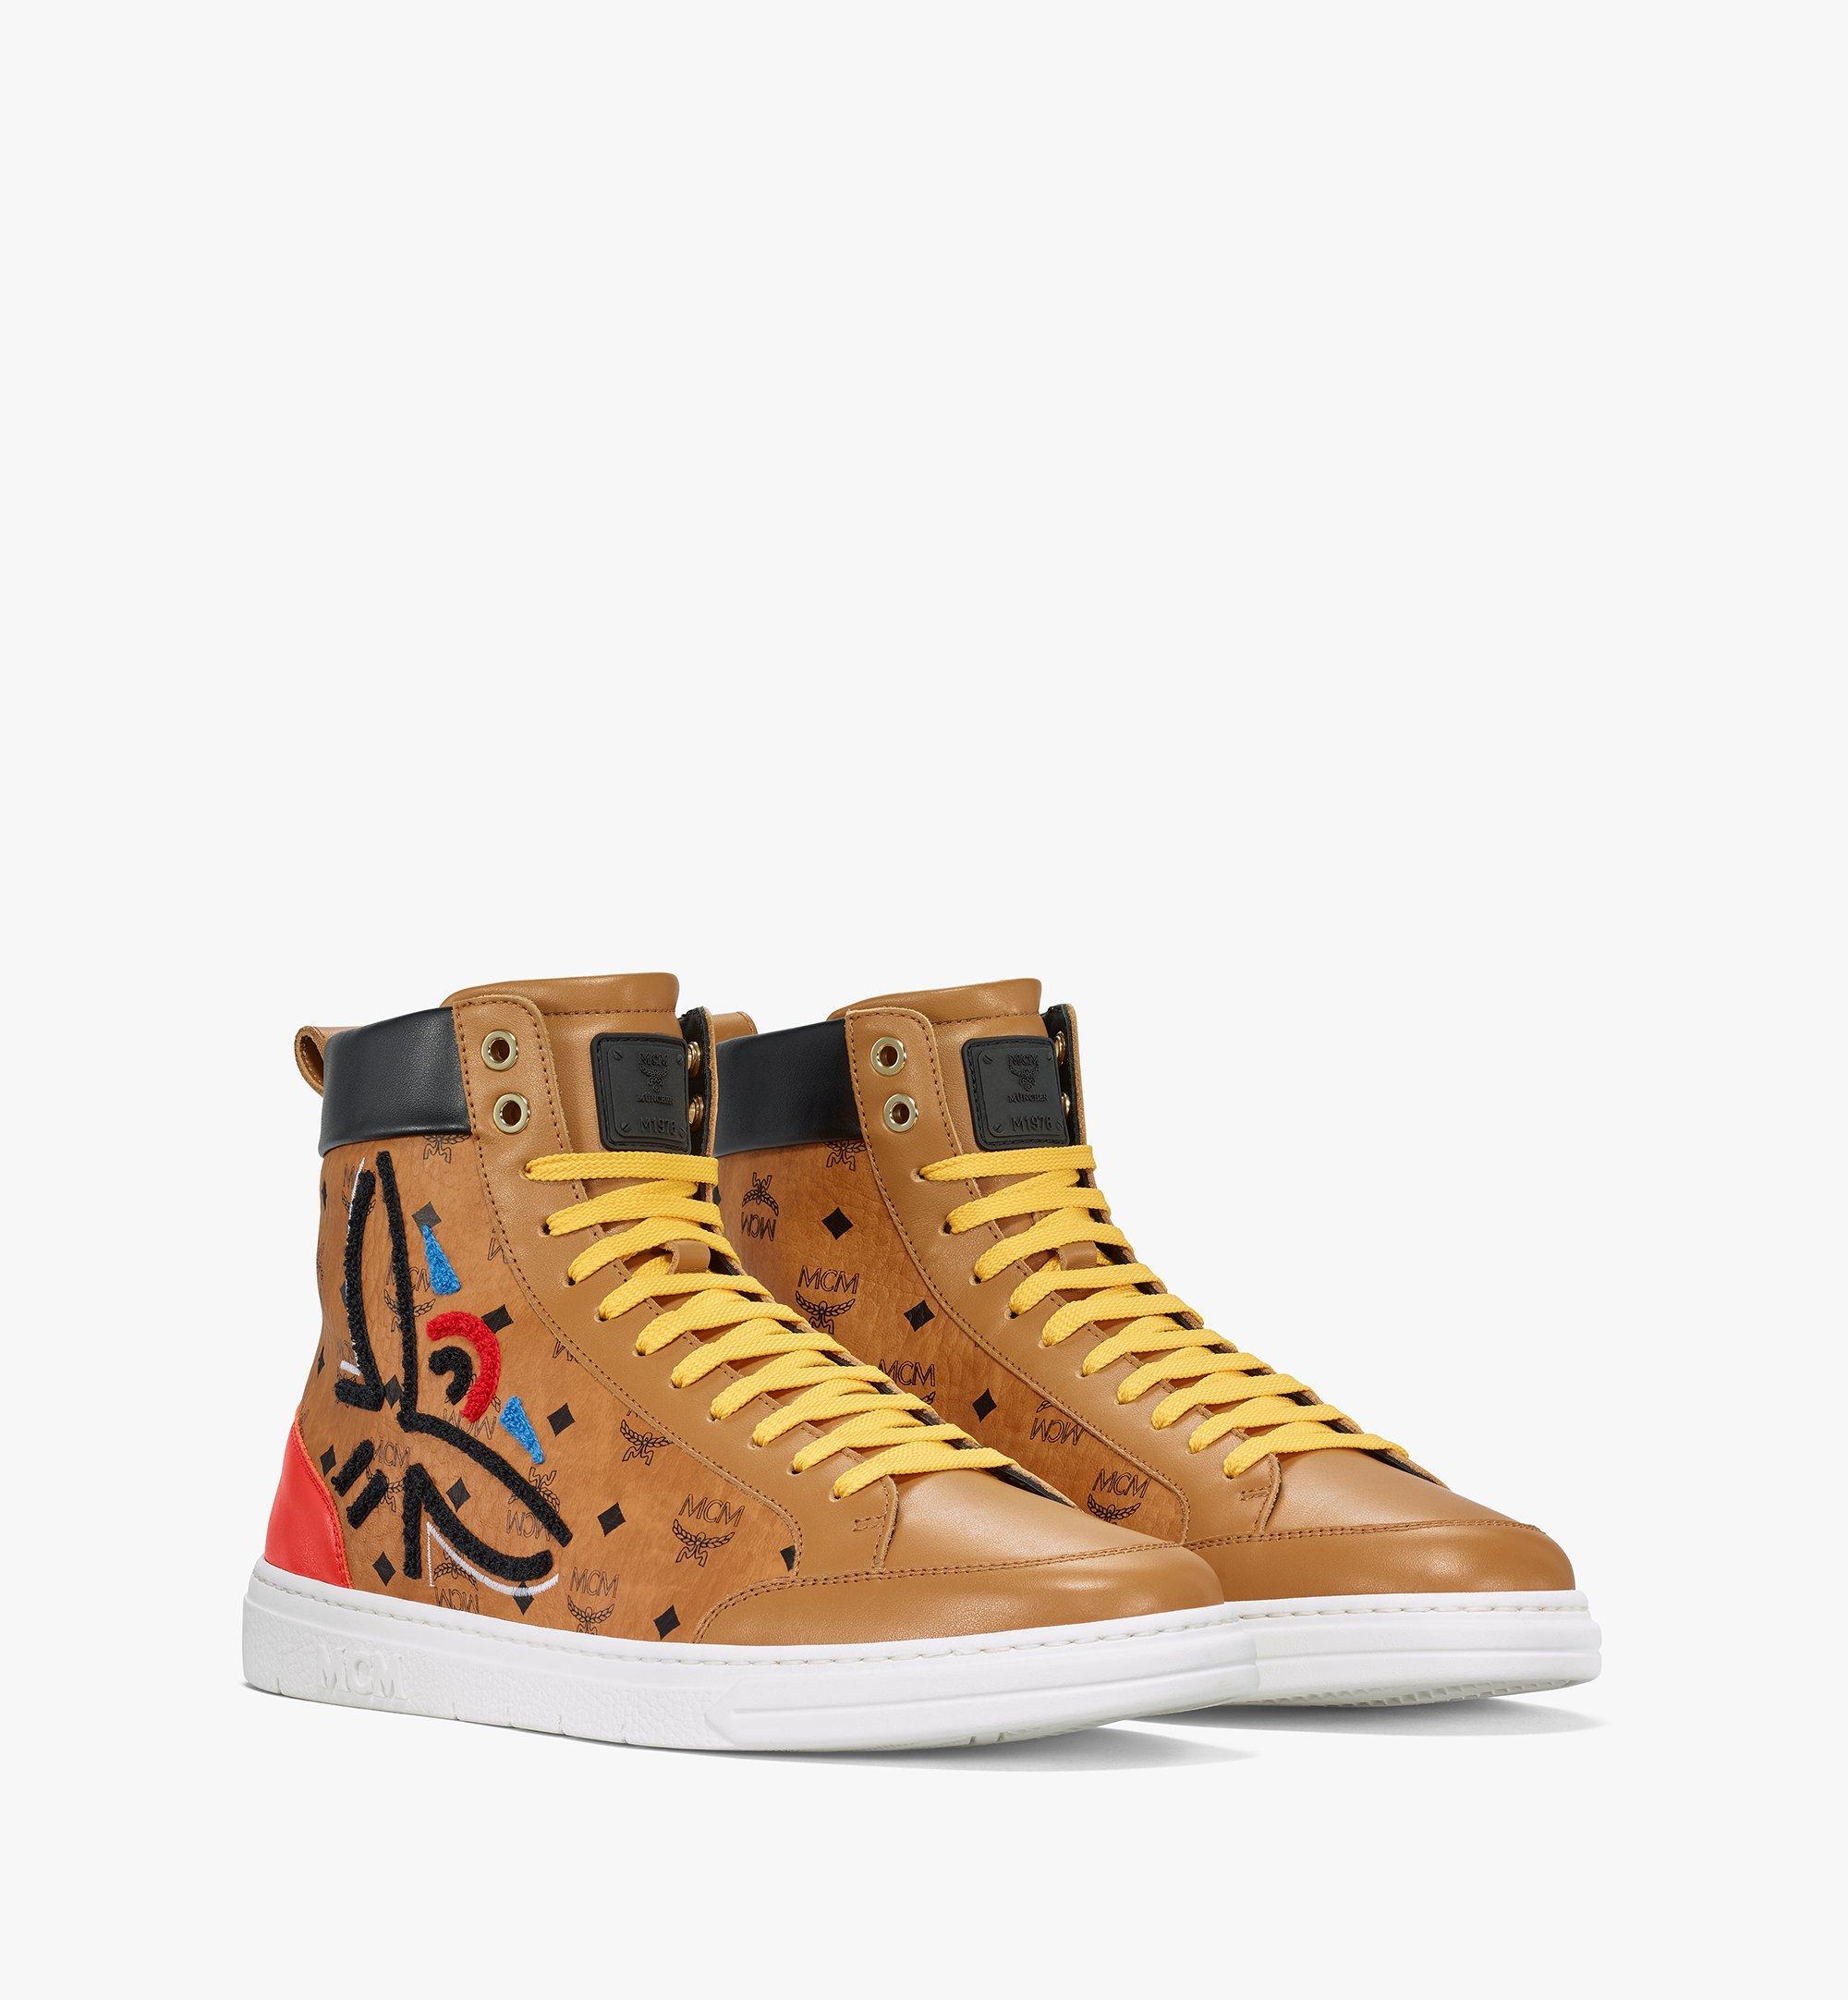 MCM Men's Terrain Hi Sneakers in Geo Laurel Visetos Cognac MEXBSMM05CO041 Alternate View 1